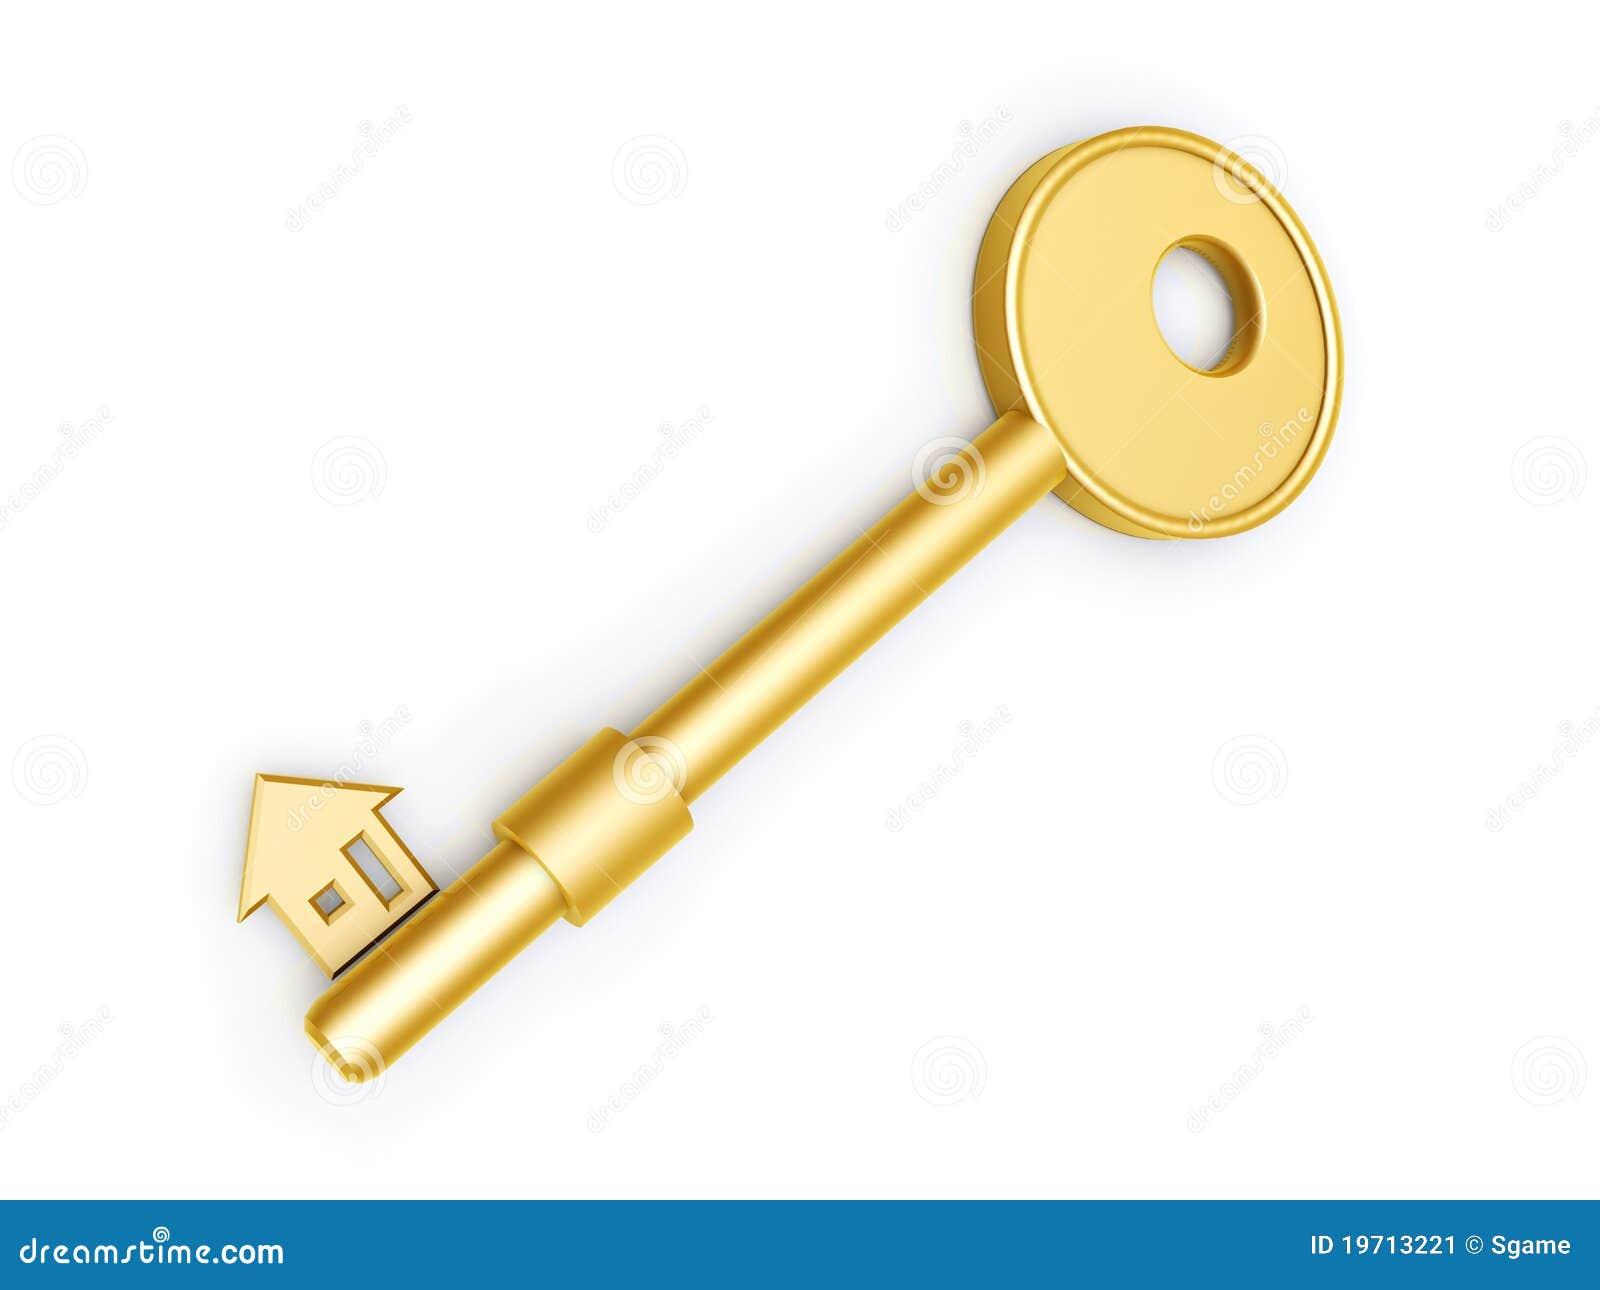 cl d 39 or avec le profil de maison image stock image